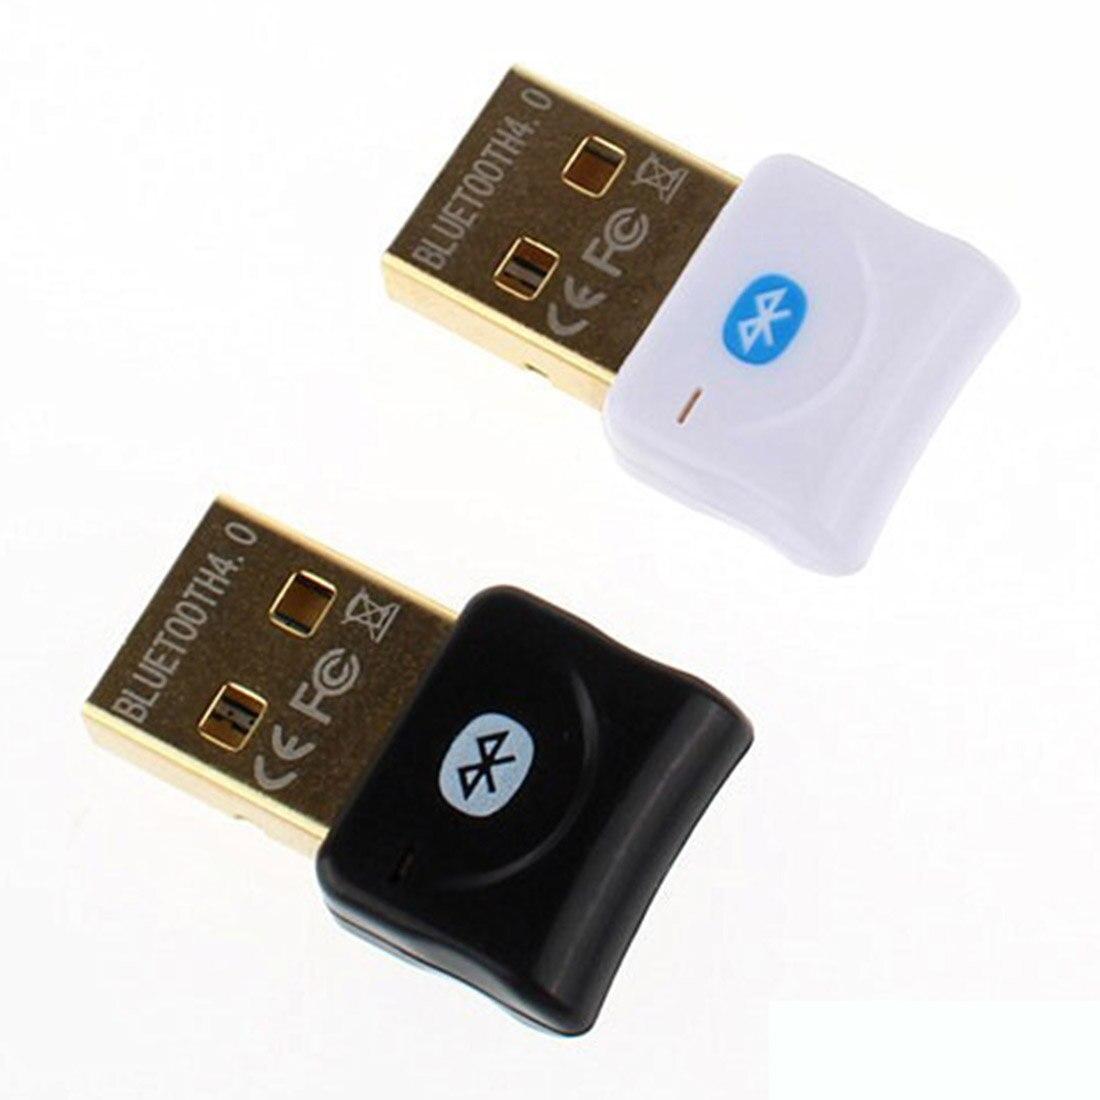 Image 2 - Беспроводной USB Bluetooth адаптер V4.0 Bluetooth ключ Музыкальный звуковой приемник Adaptador Bluetooth передатчик для компьютера ПК ноутбука-in Адаптеры, брелки USB, Bluetooth from Компьютер и офис